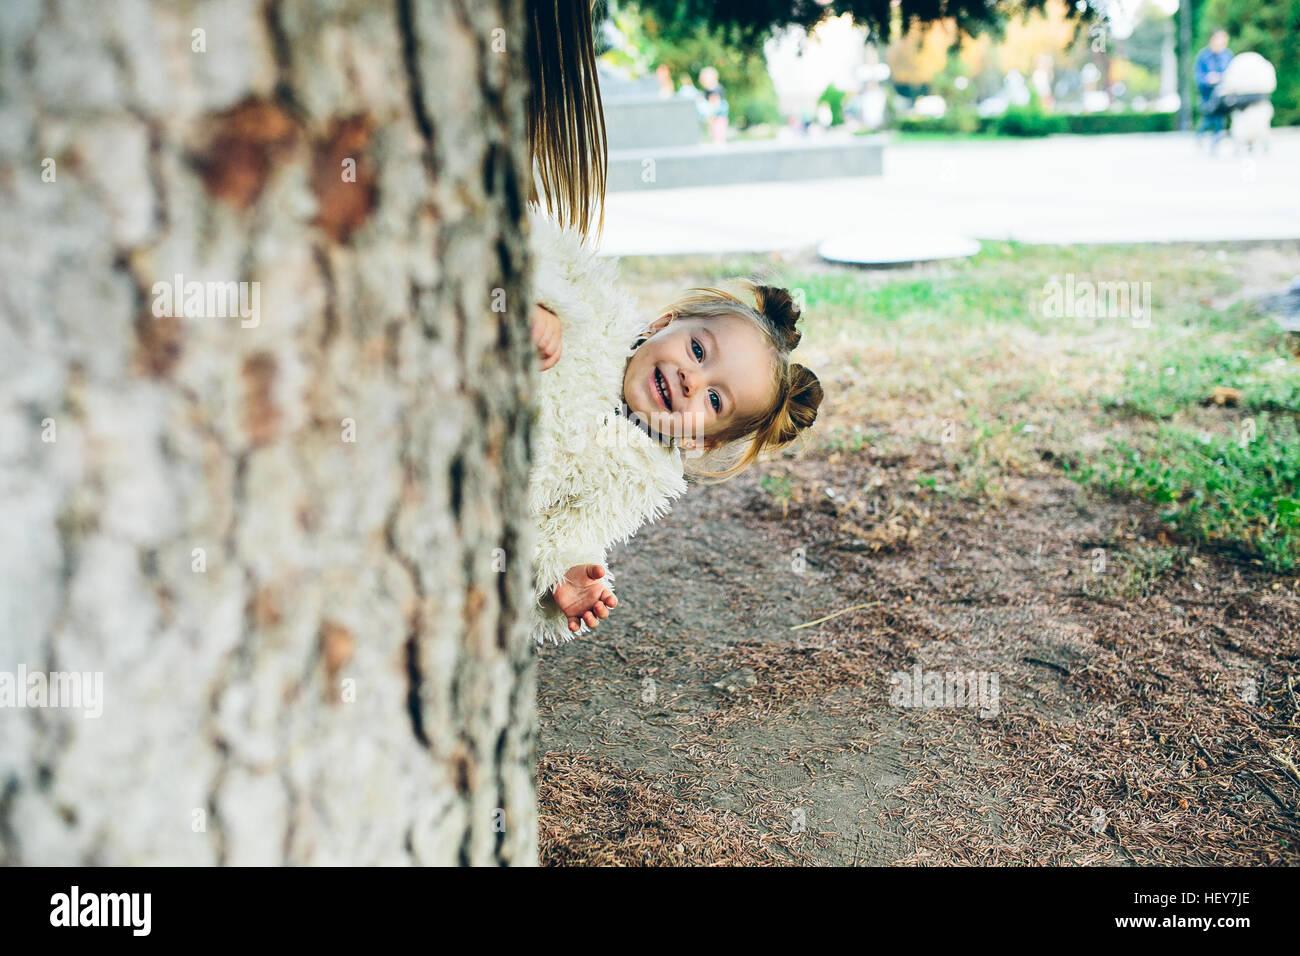 Niedliche kleine Mädchen spielt im freien Stockfoto